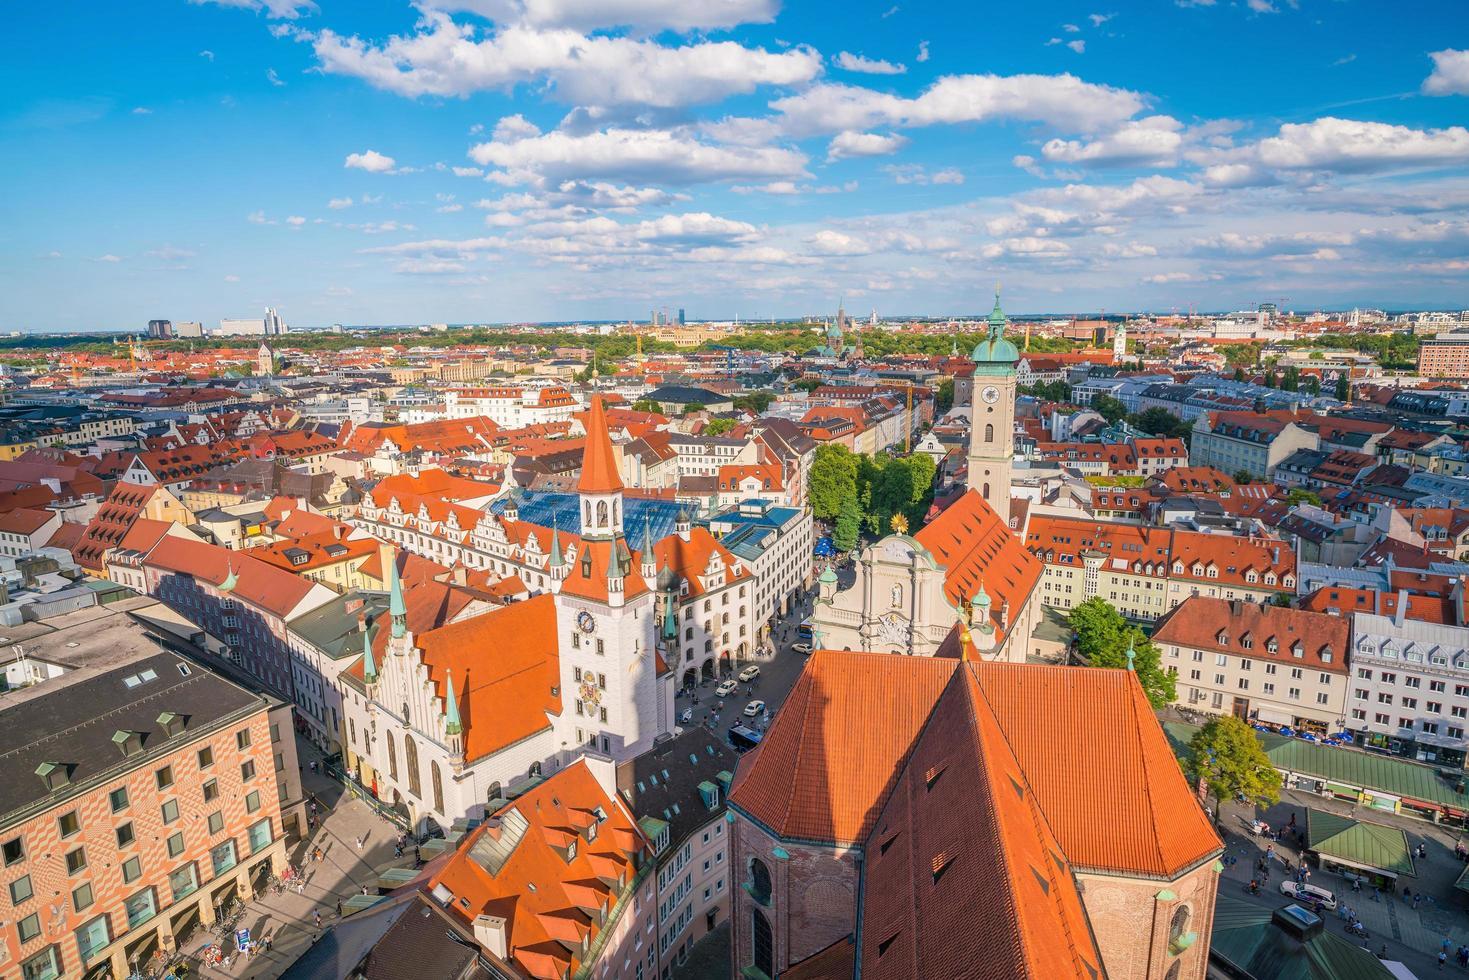 Vue panoramique aérienne de la ville de Munich photo